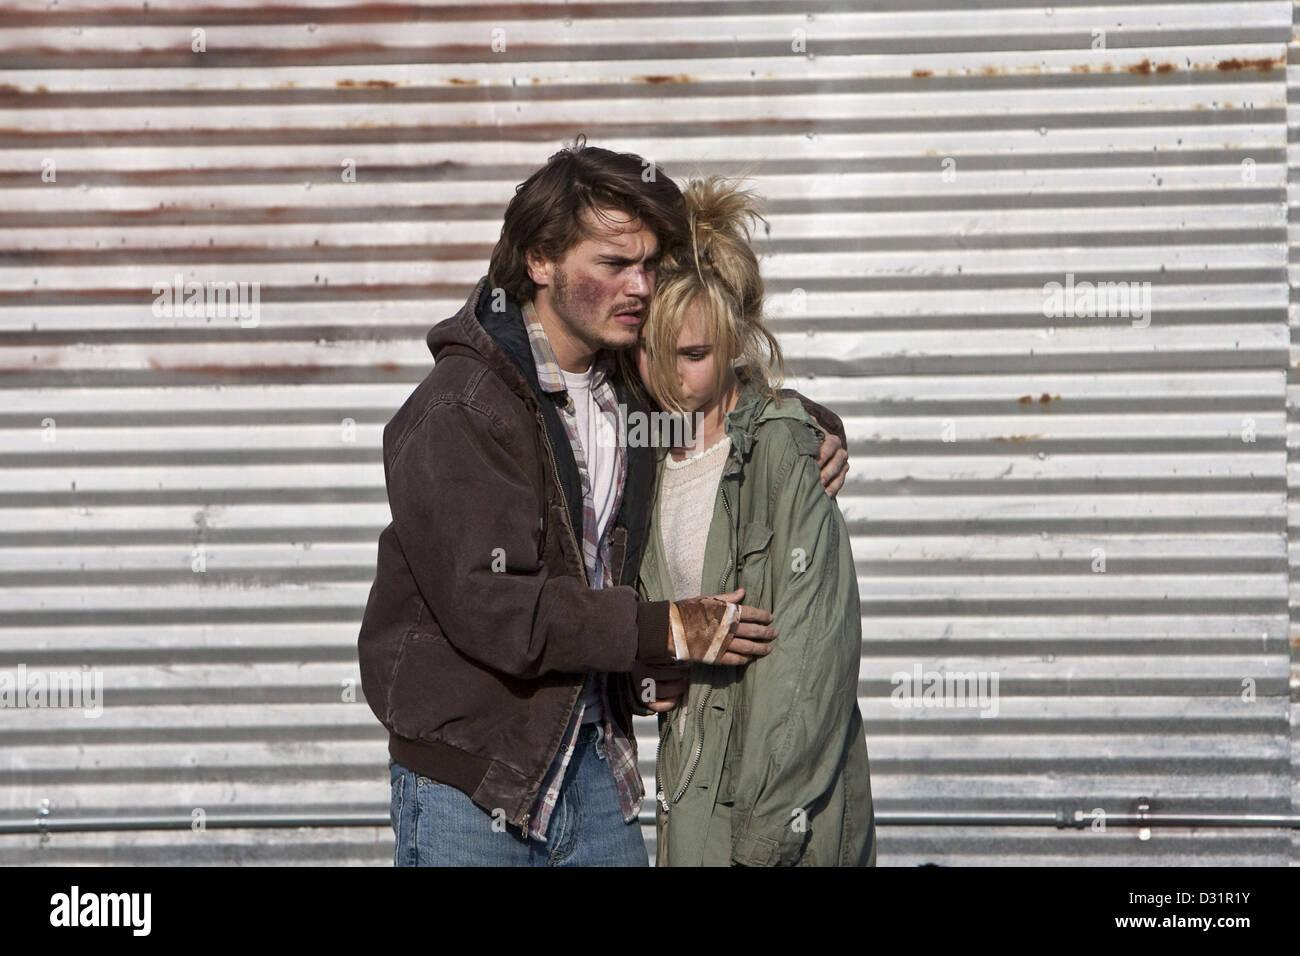 Juno tempel dating Emile Hirsch im 19 dejta en 17-åring